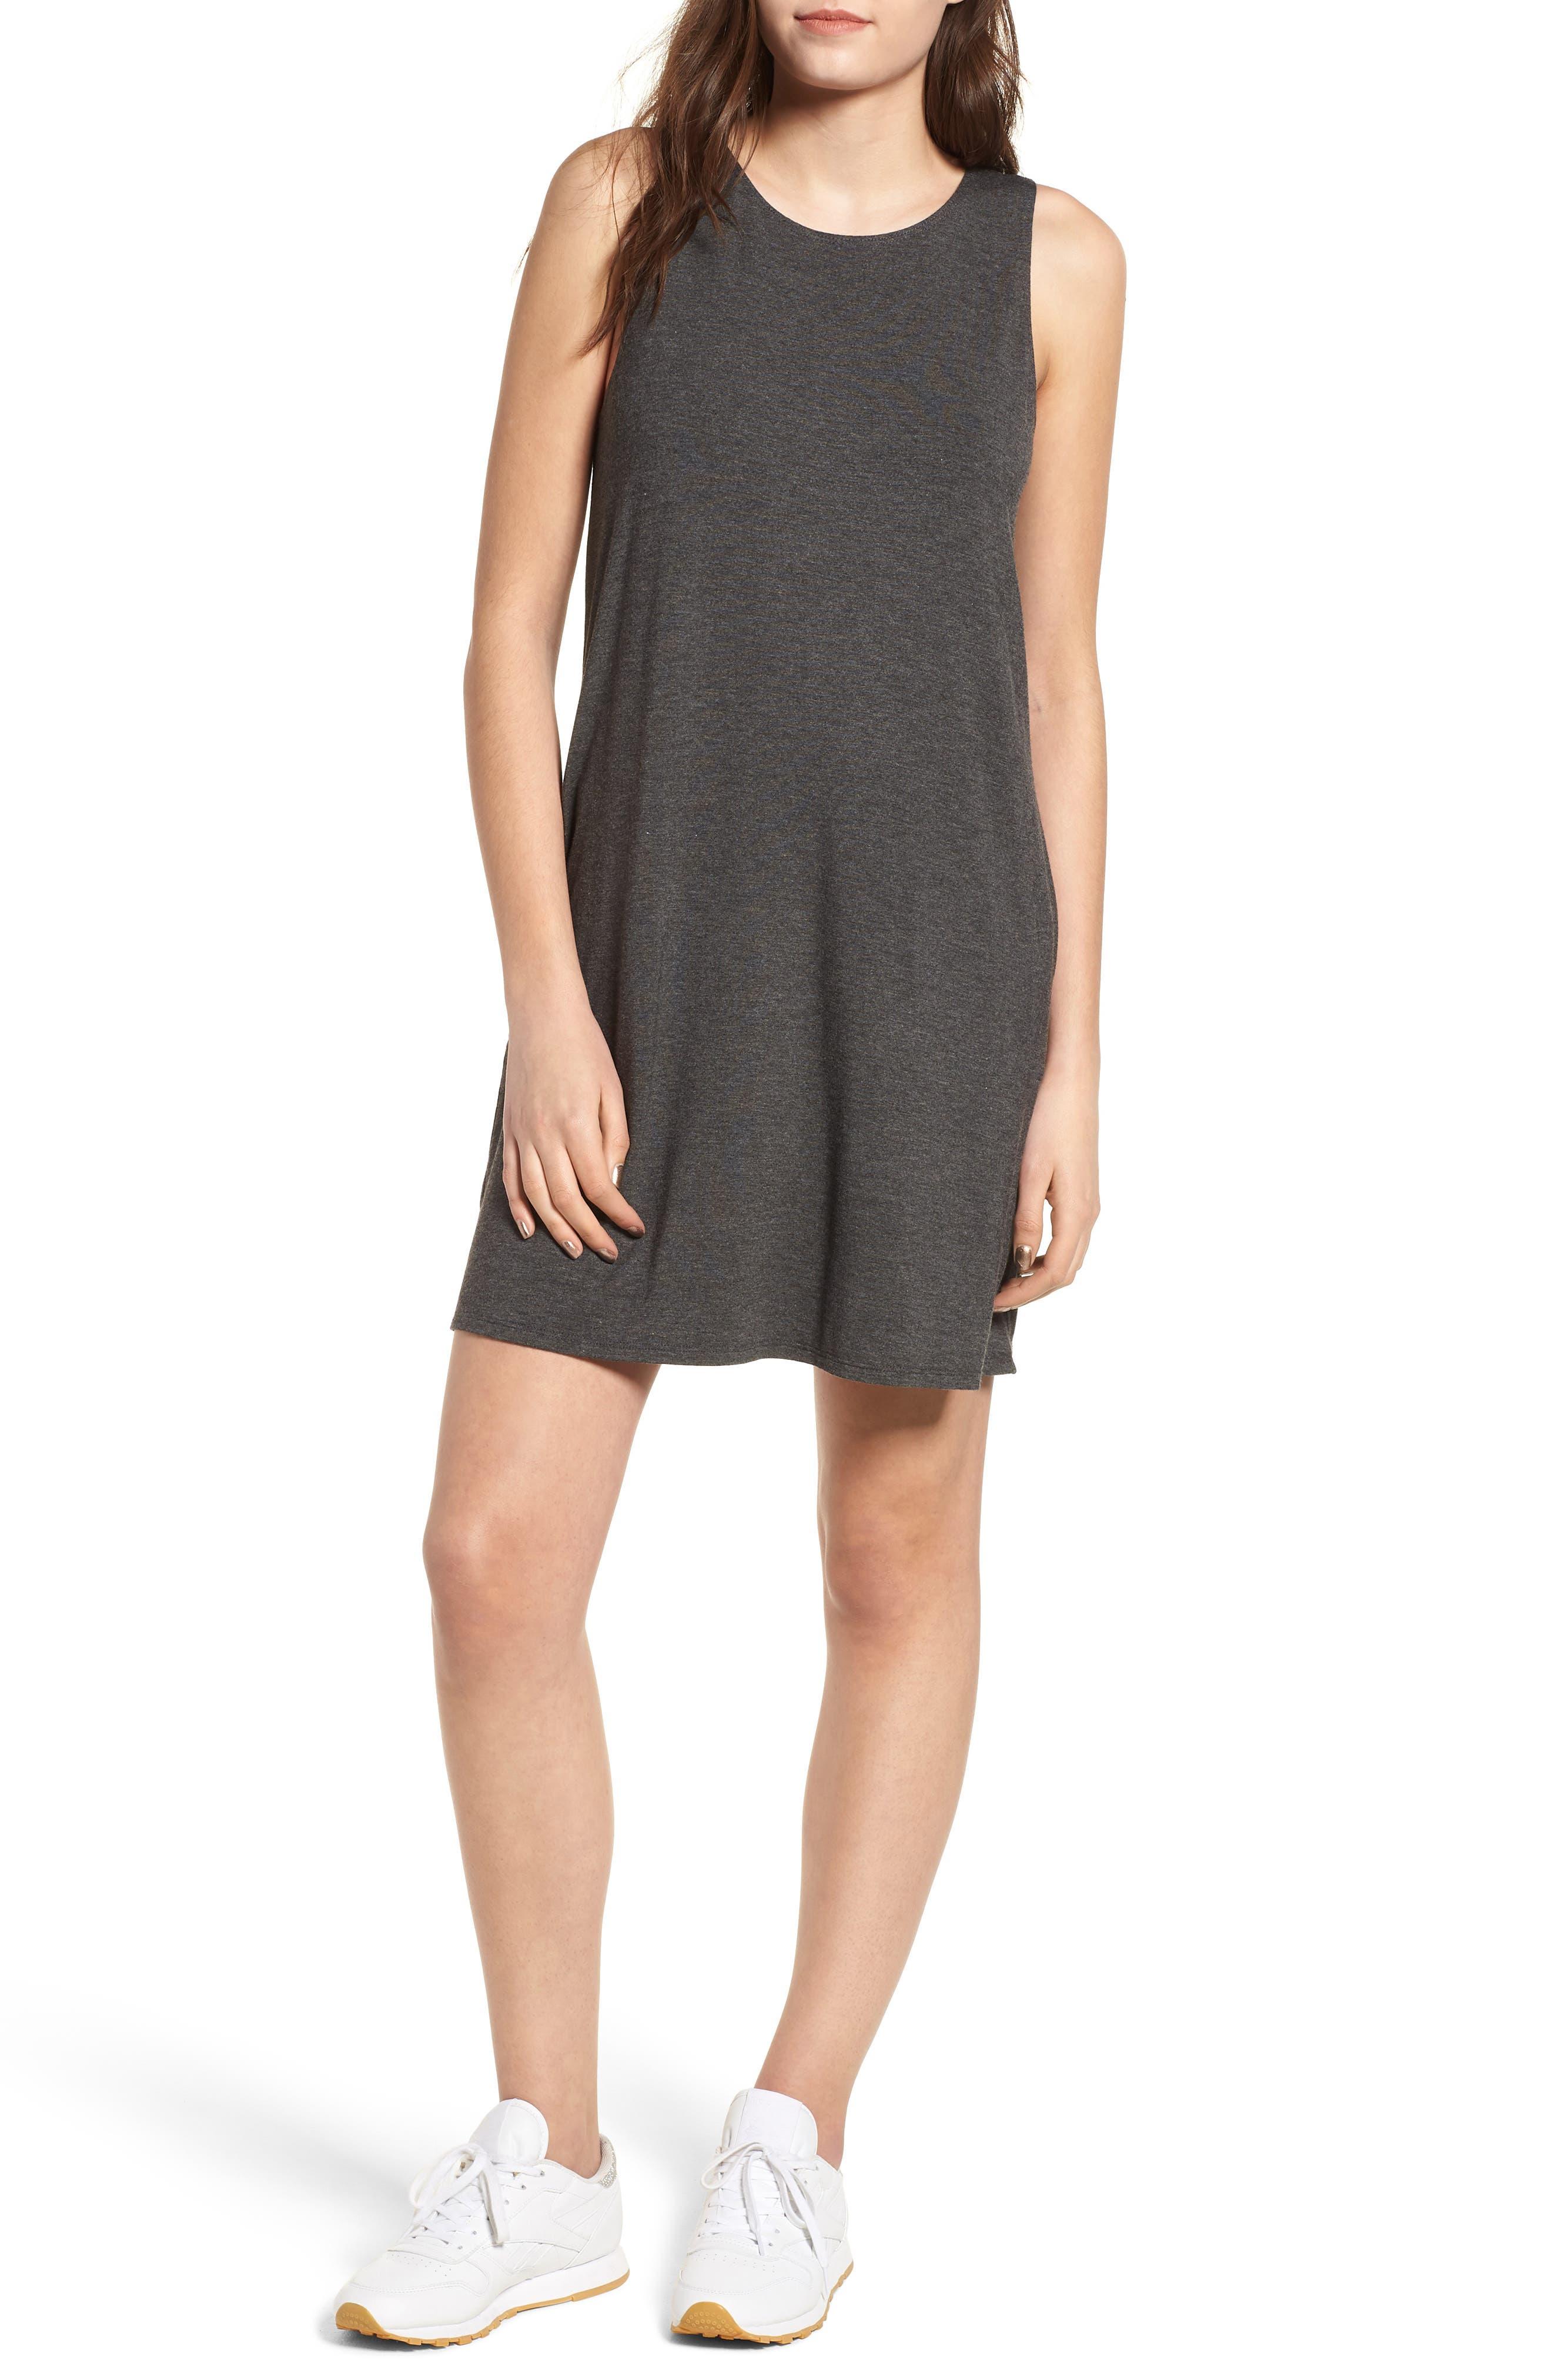 Pocket Tank Dress,                             Main thumbnail 1, color,                             Dark Charcoal